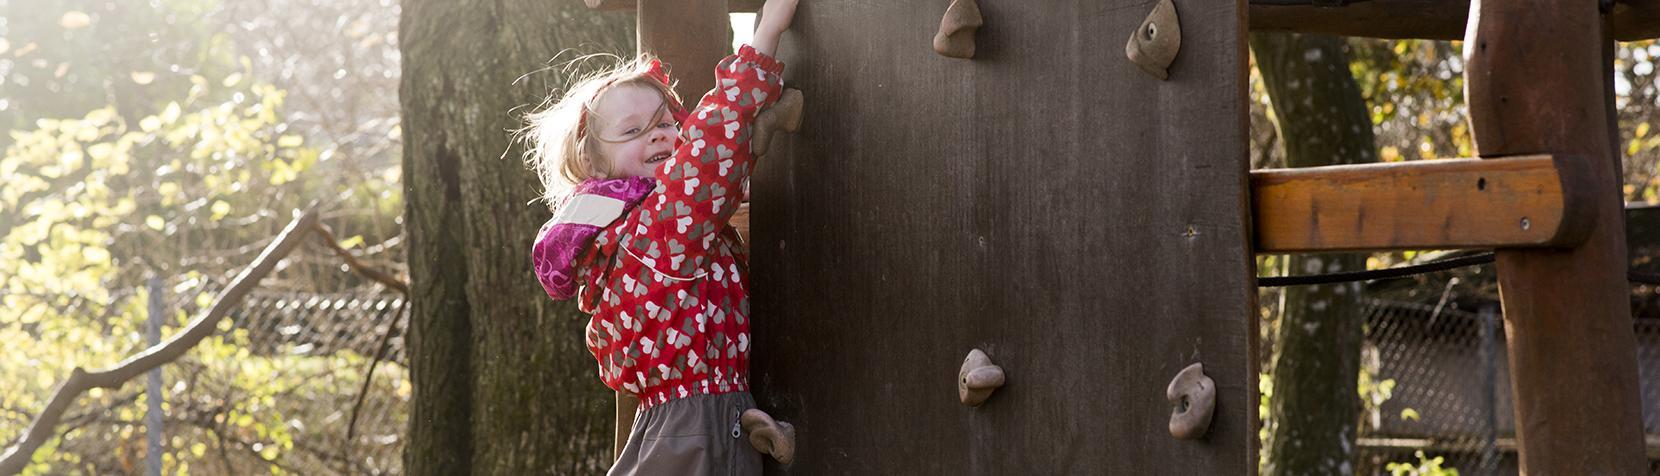 Pige klatrer